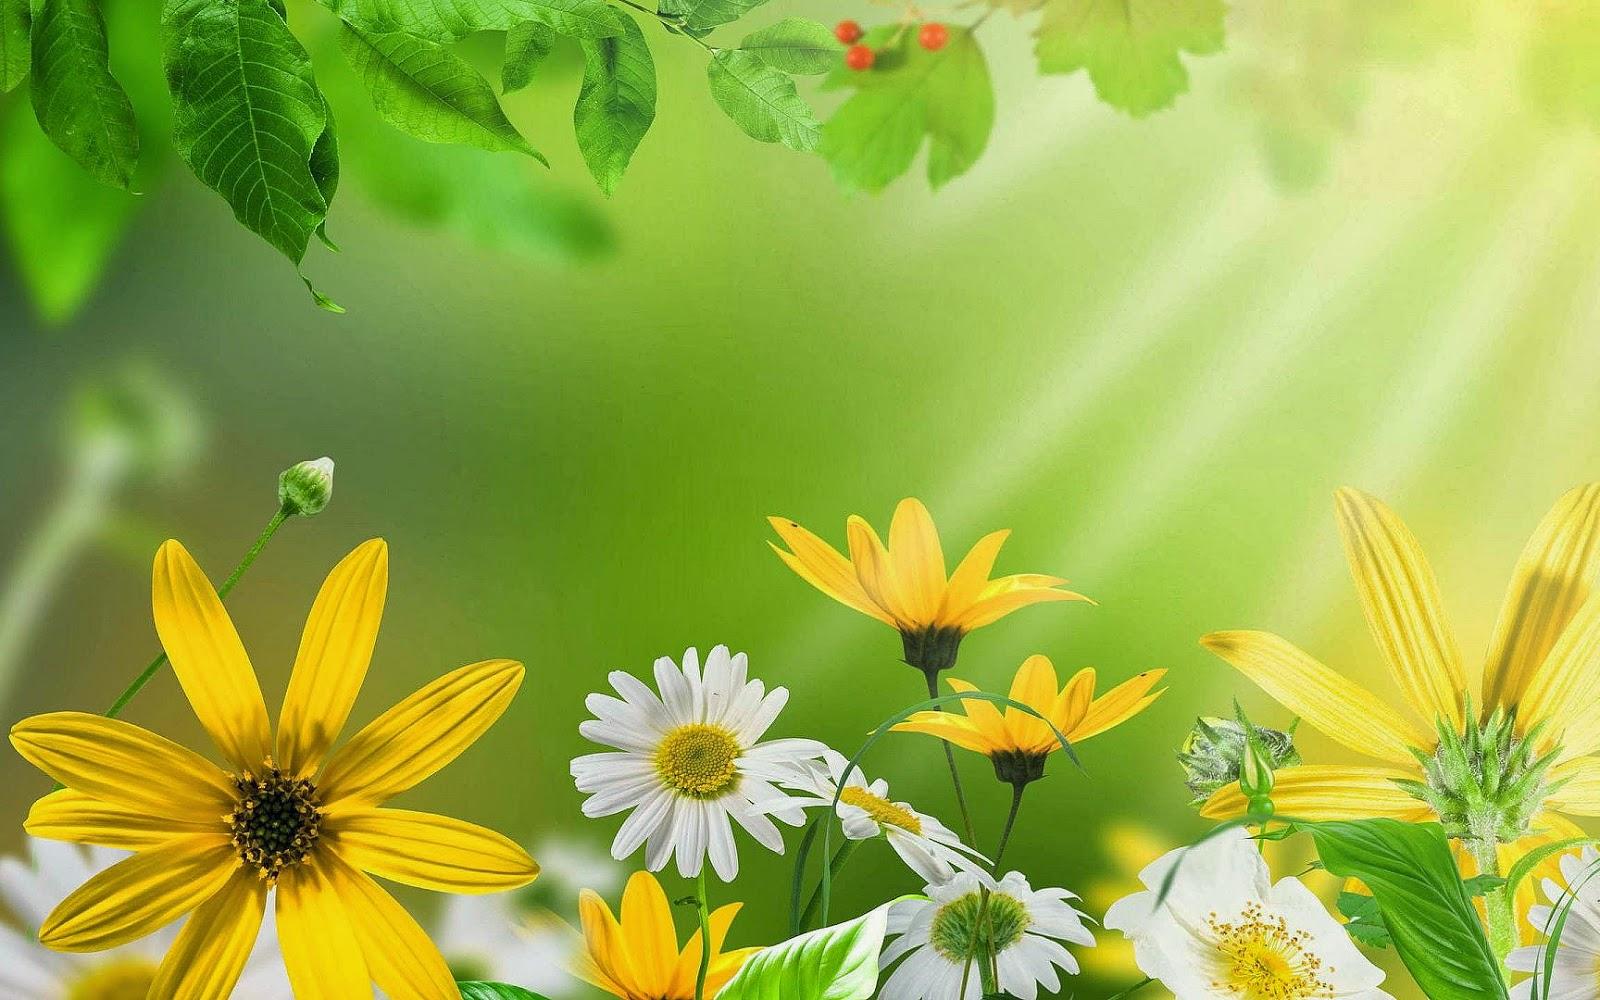 Witte en gele bloemen in de zomer